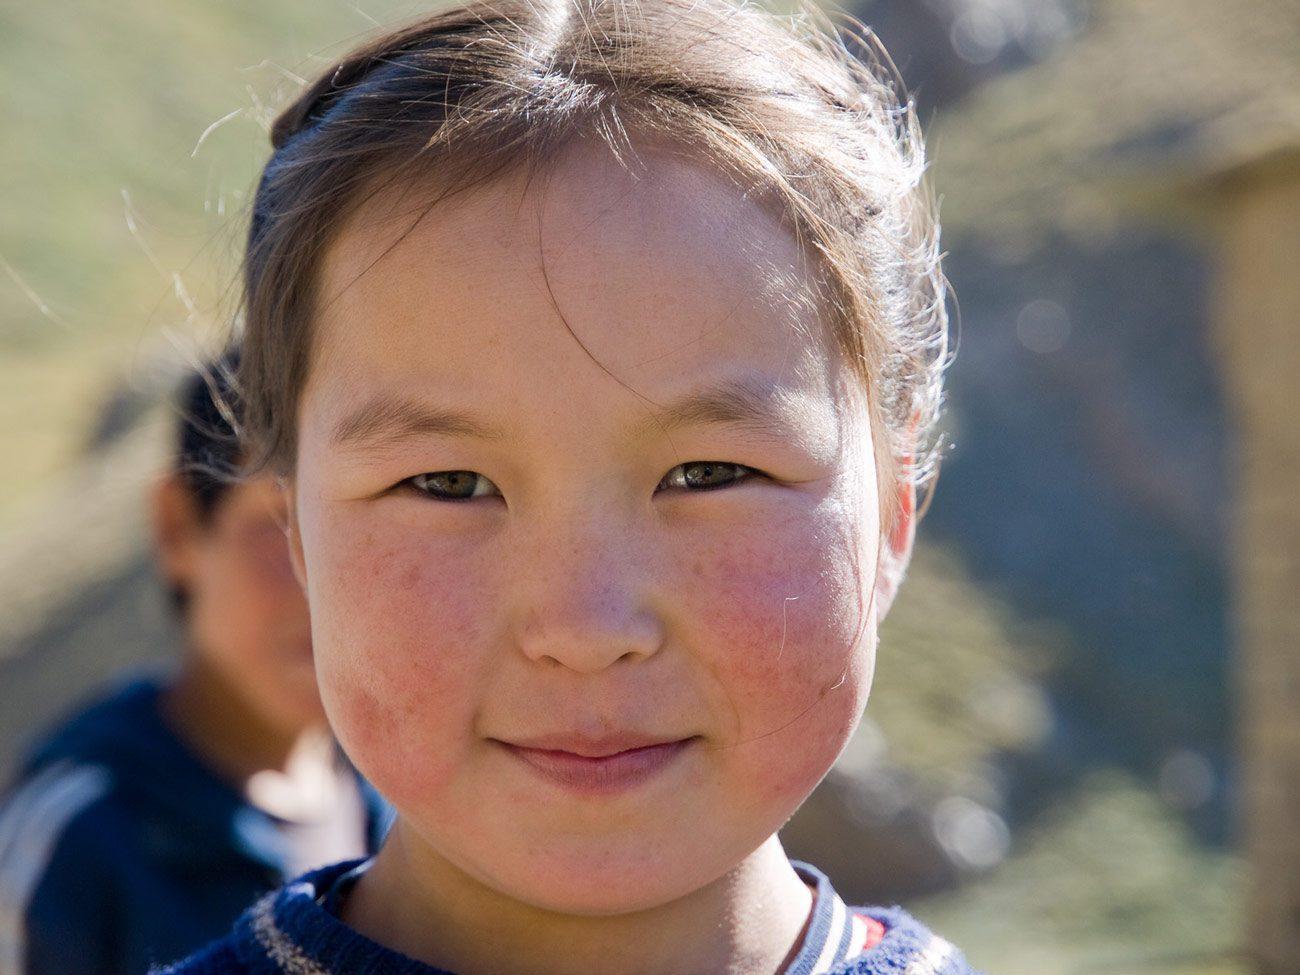 kyrgyz girl tash rabat - <b>«Тут страшно сподобатися комусь».</b> Чому в Киргизстані викрадають наречених і вважають це традицією - Заборона